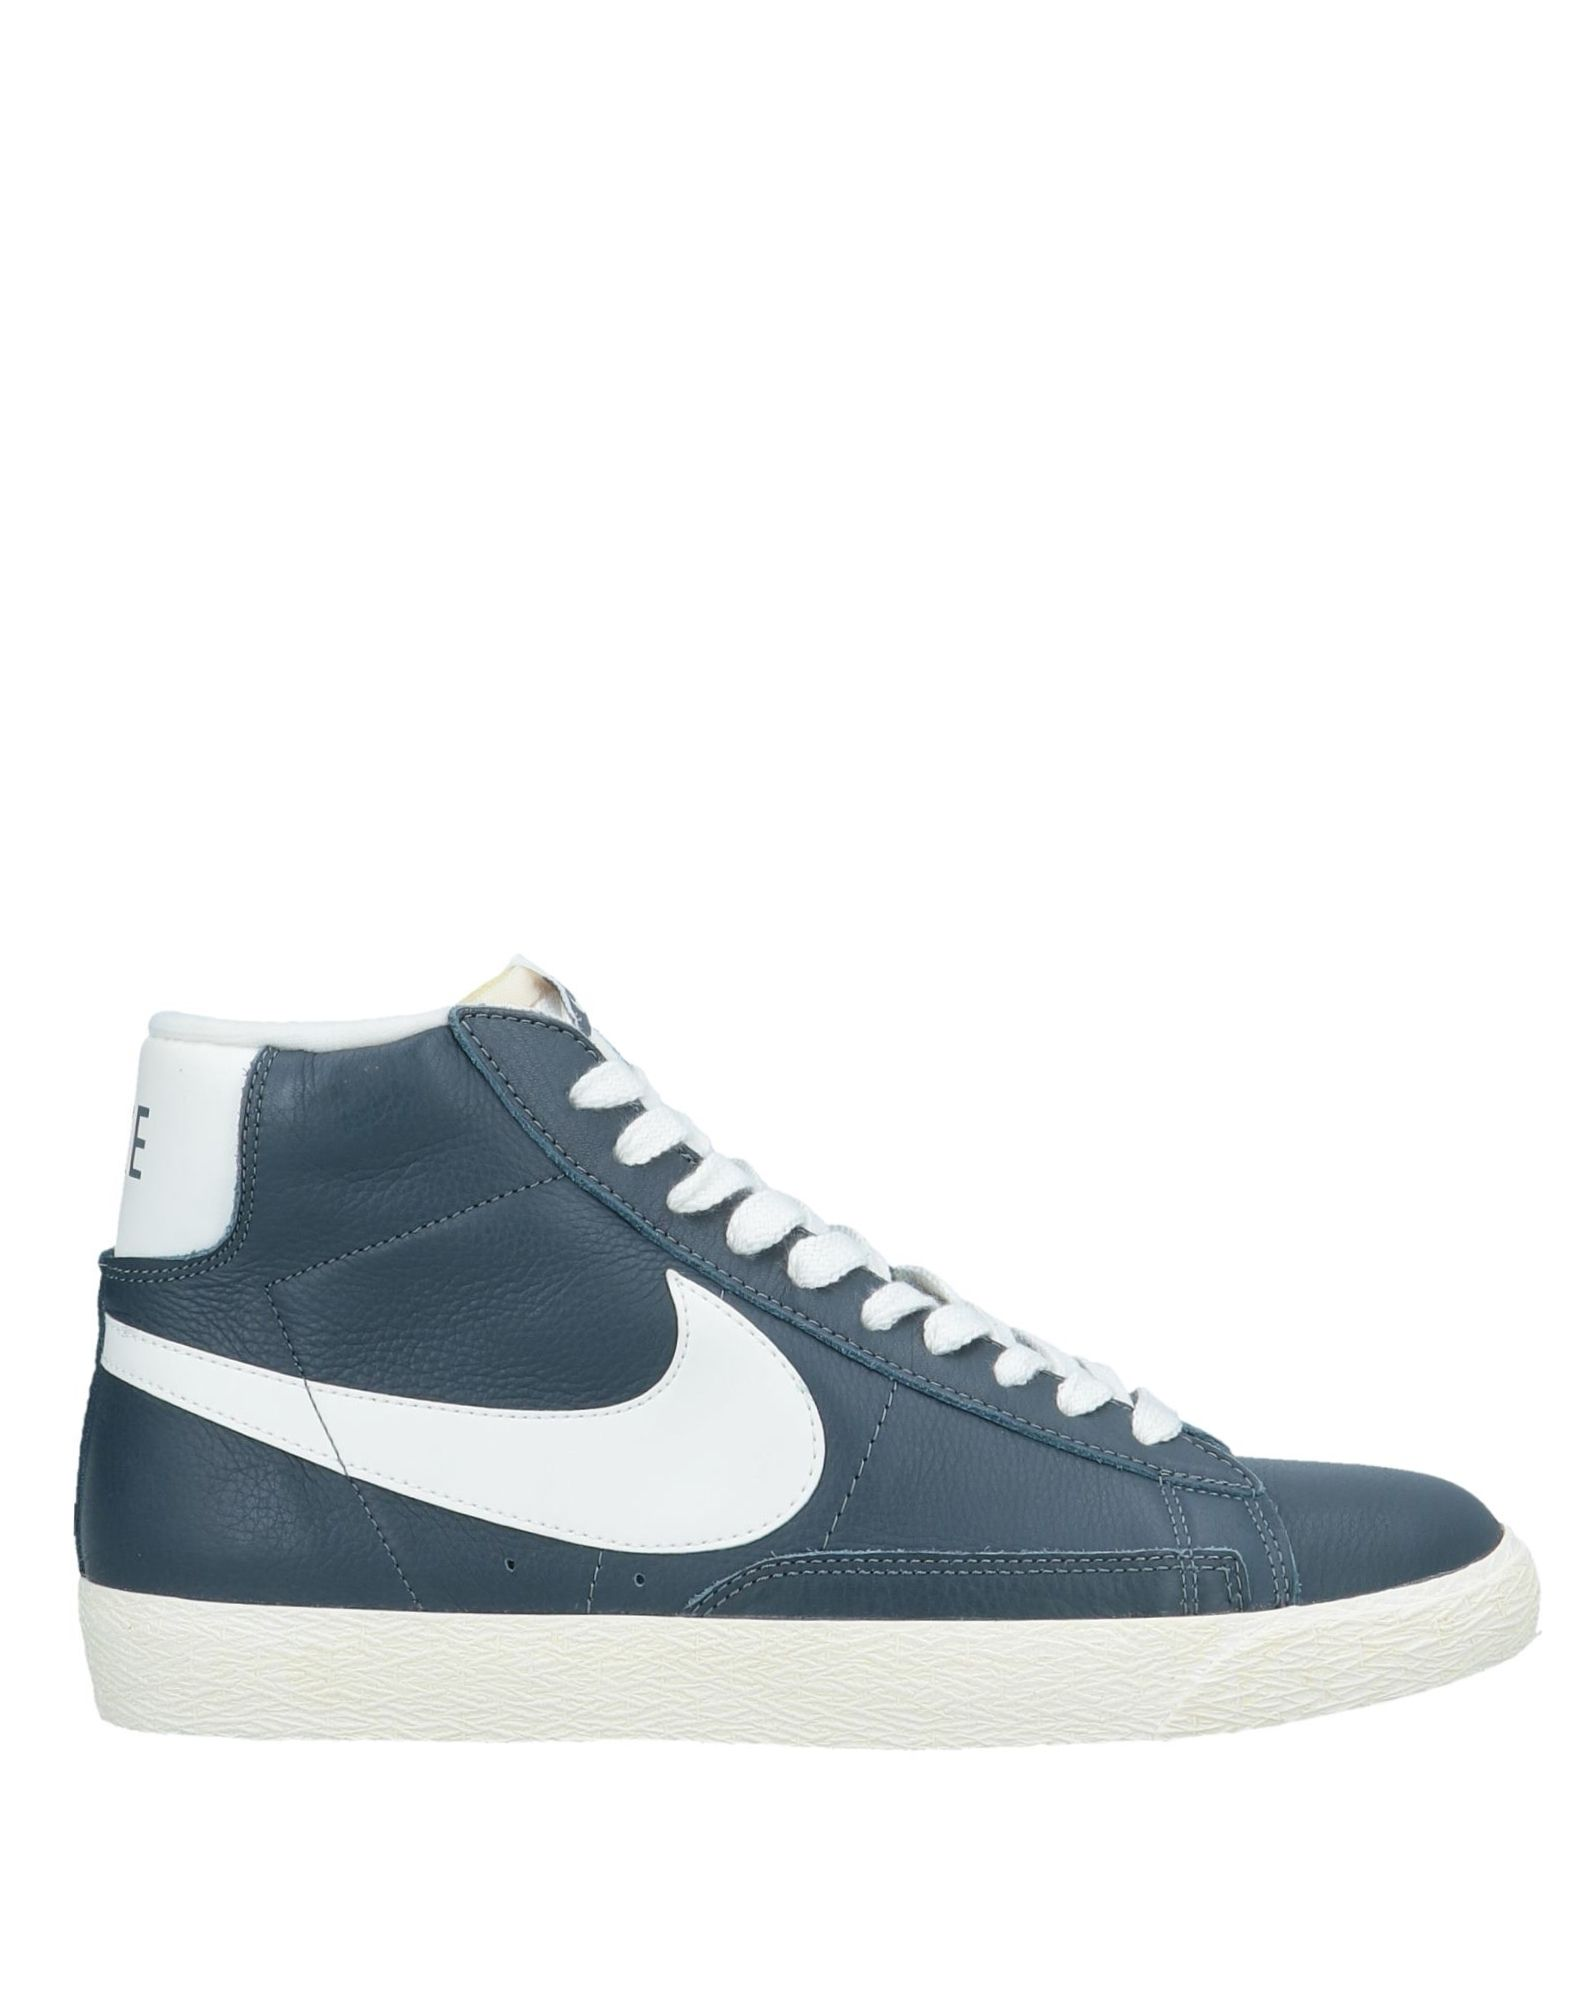 Scarpe da Nike Ginnastica Nike da Donna - 11572784SL ed6a66